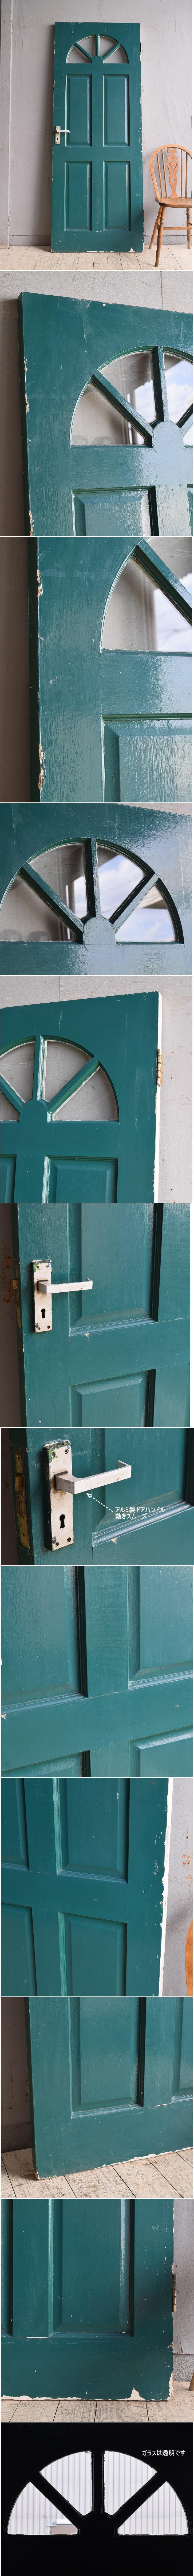 イギリス アンティーク ドア 扉 建具 9741